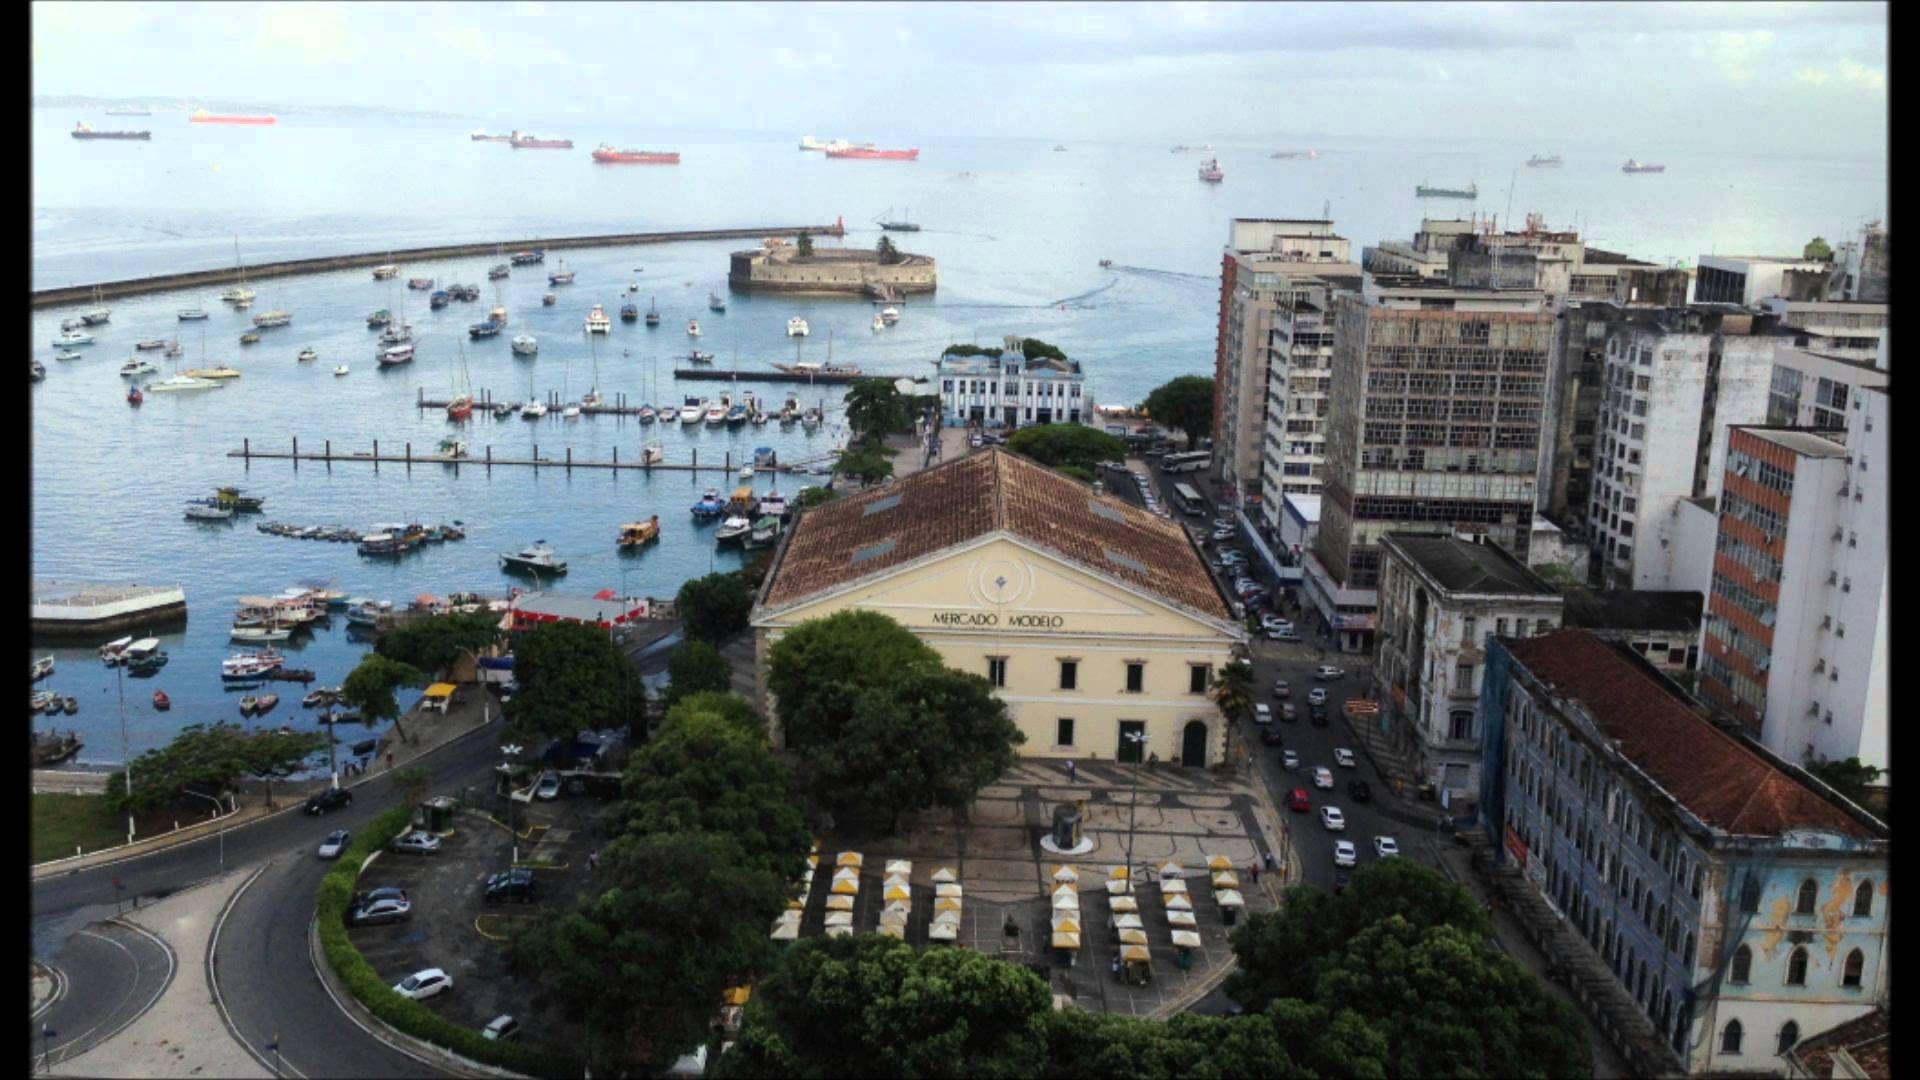 GERONIMO SANTANA E SALVADOR BAHIA BAND - I Want You Bahia (Geronimo Sant...